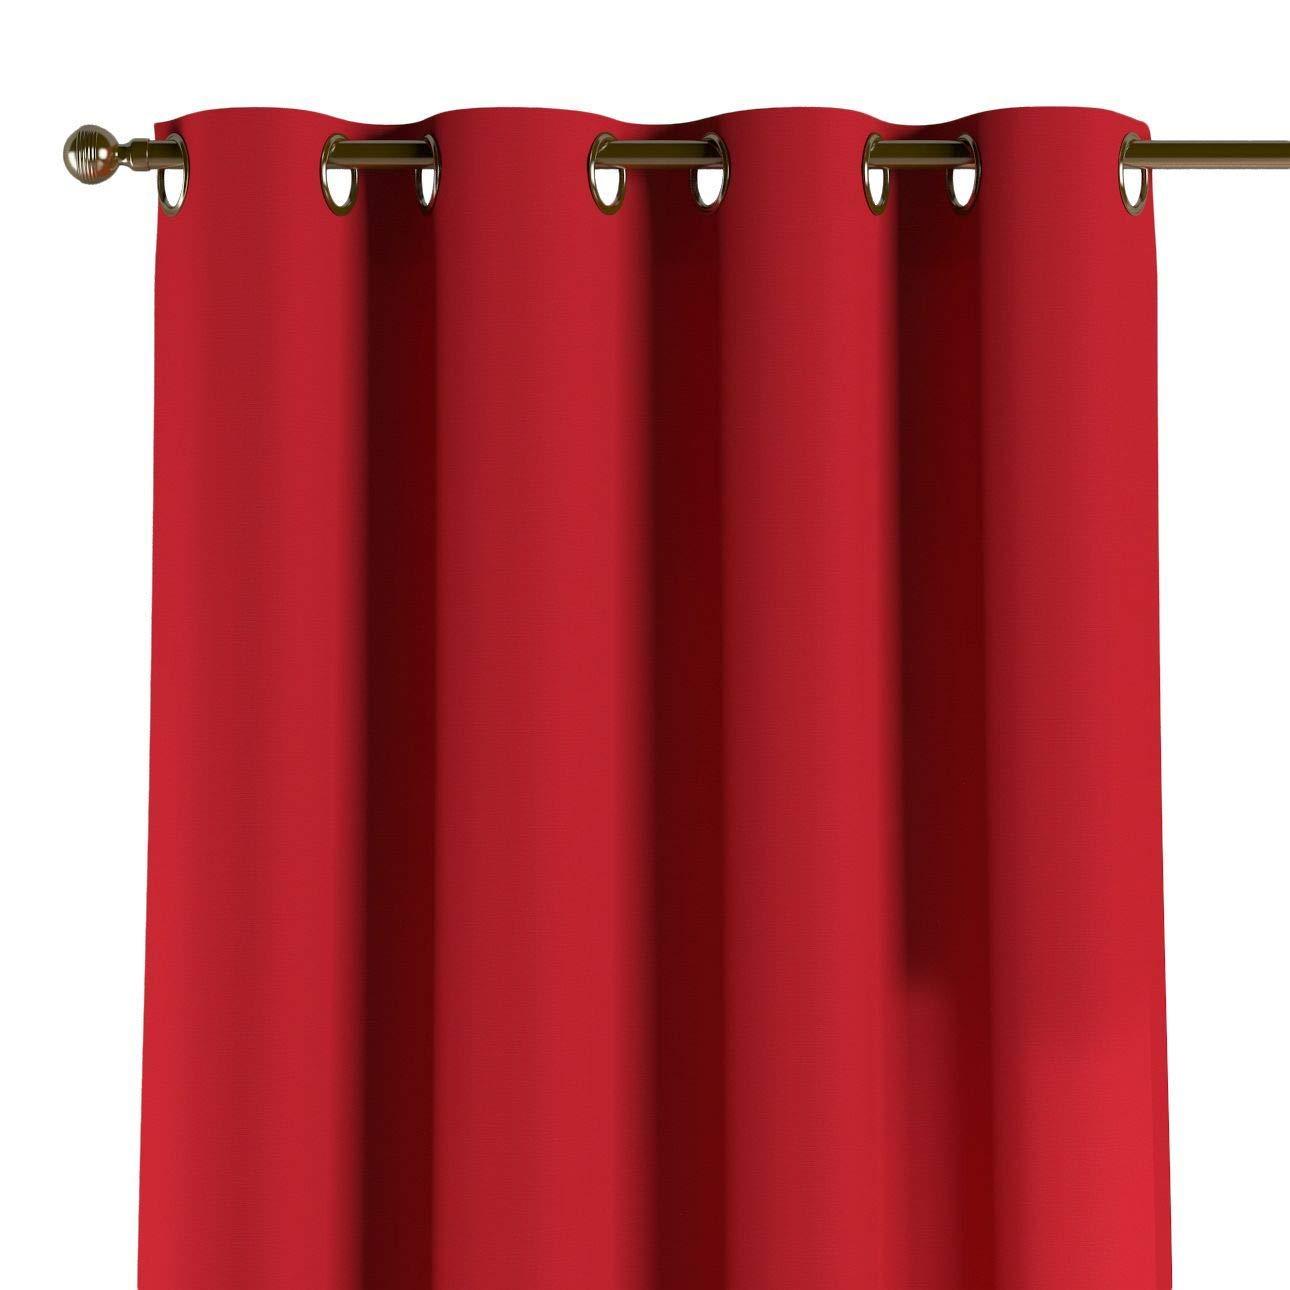 Dekoria Ösenschal Dekoschal Blickdicht 1 Stck. 130 × 260 cm rot Maßanfertigung möglich